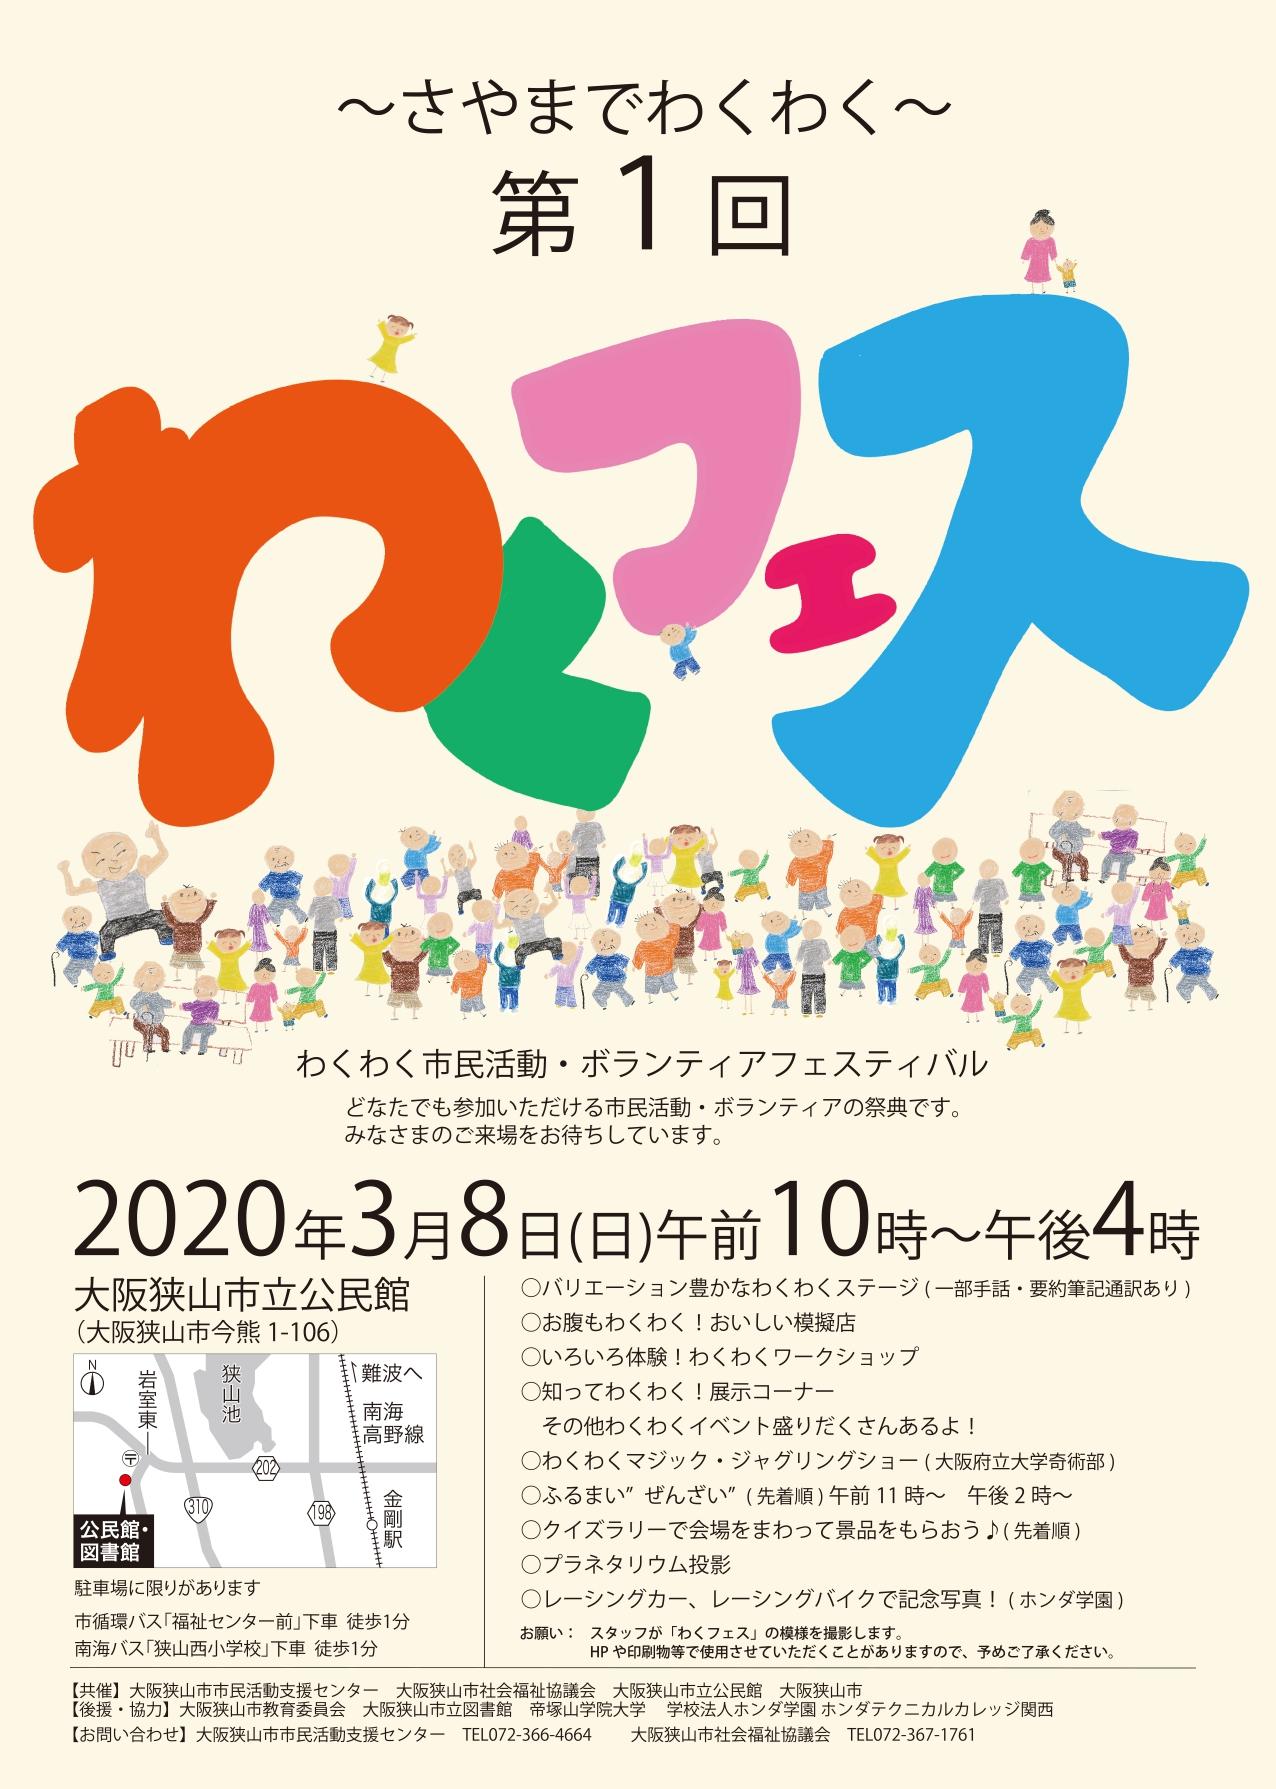 【さやまでわくわく♪】「第1回わくフェス」が市立公民館で2020年3月8日に開催されます (1)